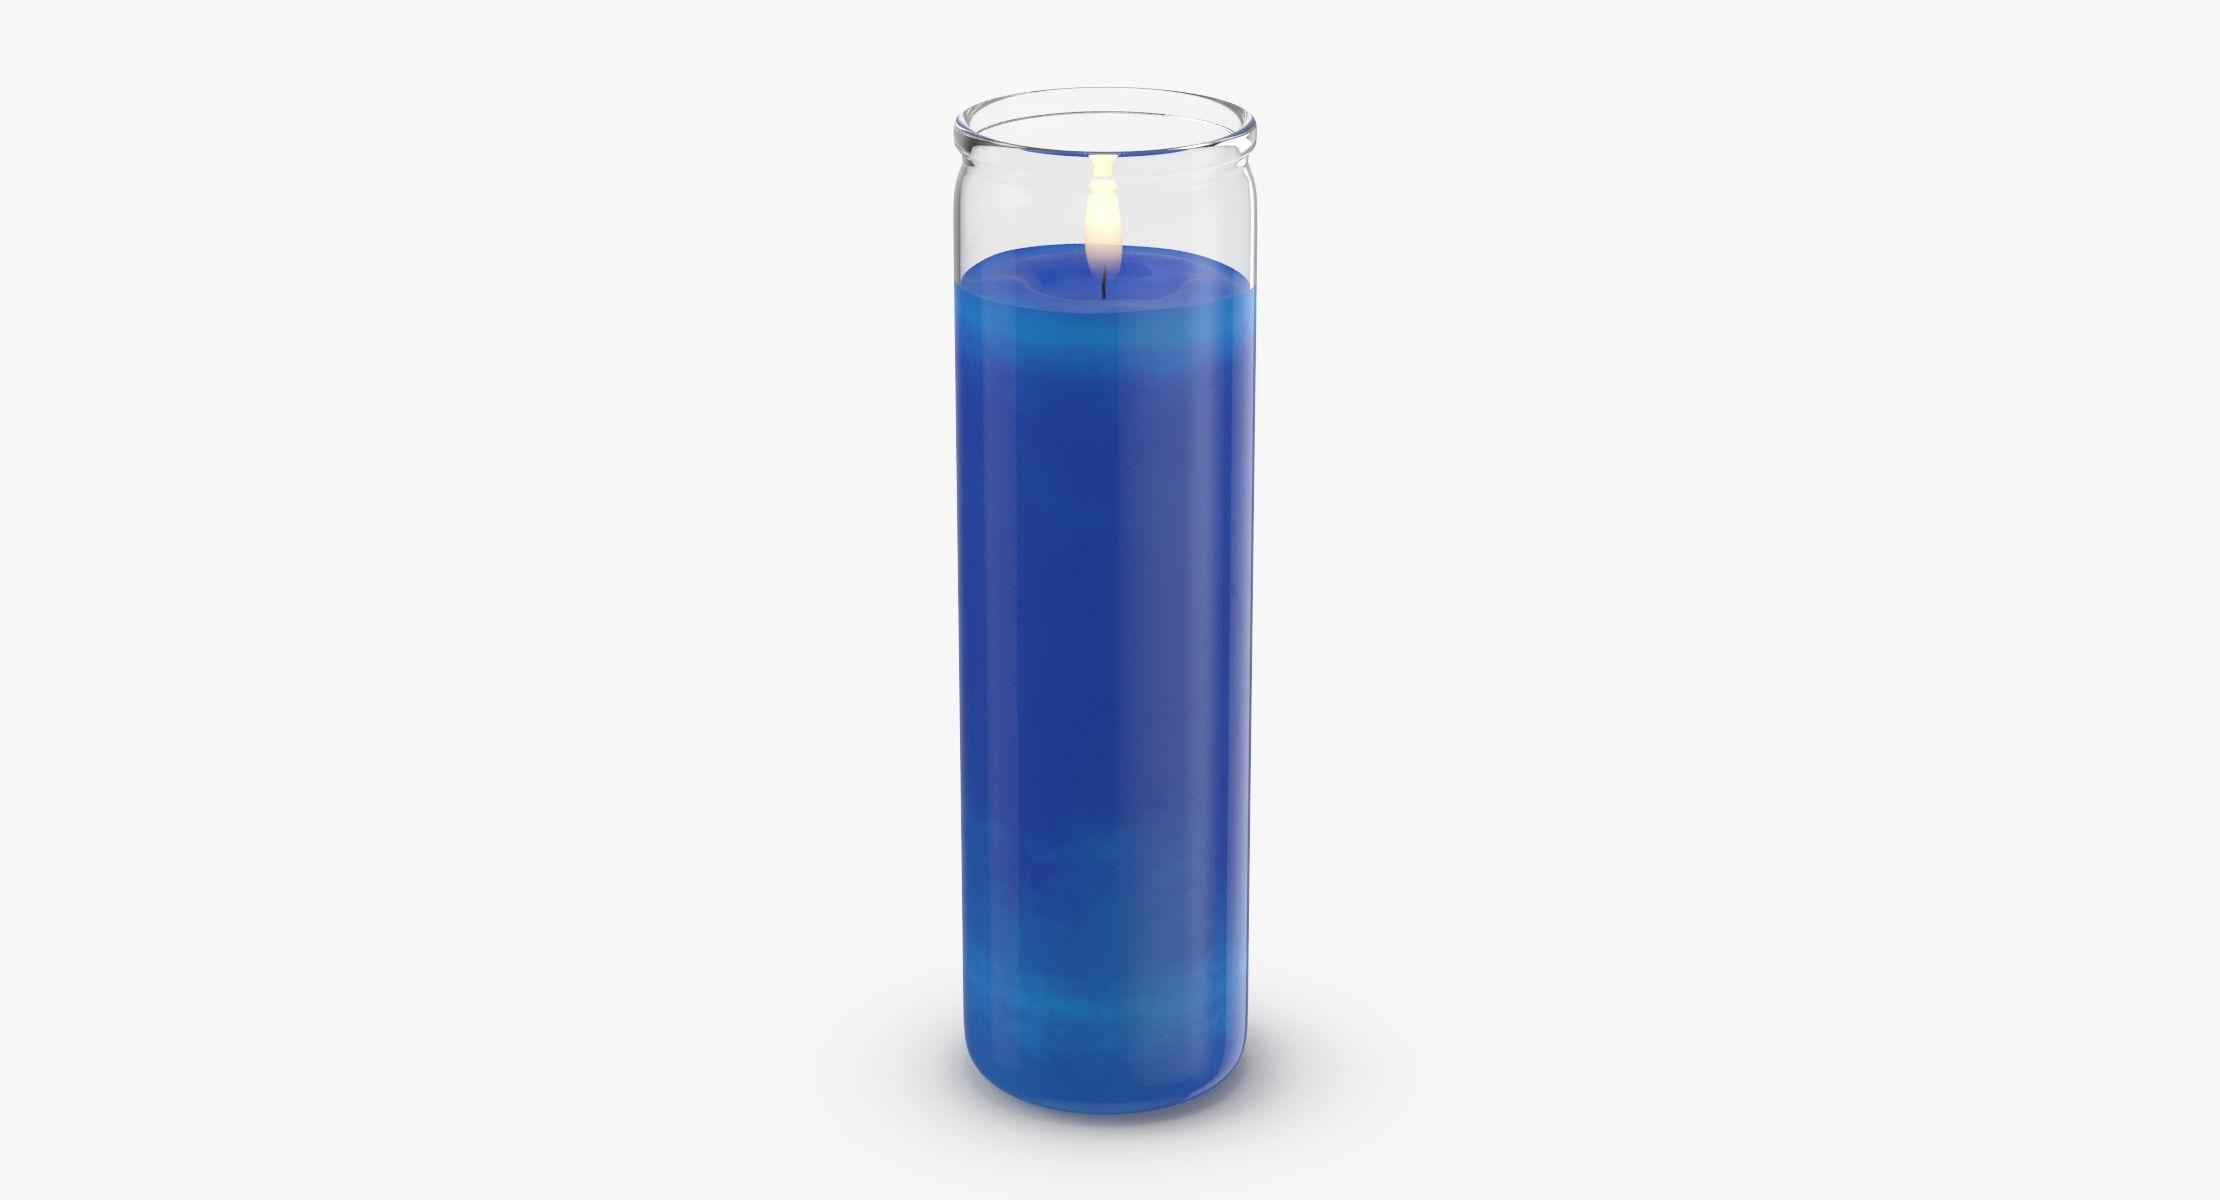 Voodoo Candle 02 - Blue - reel 1